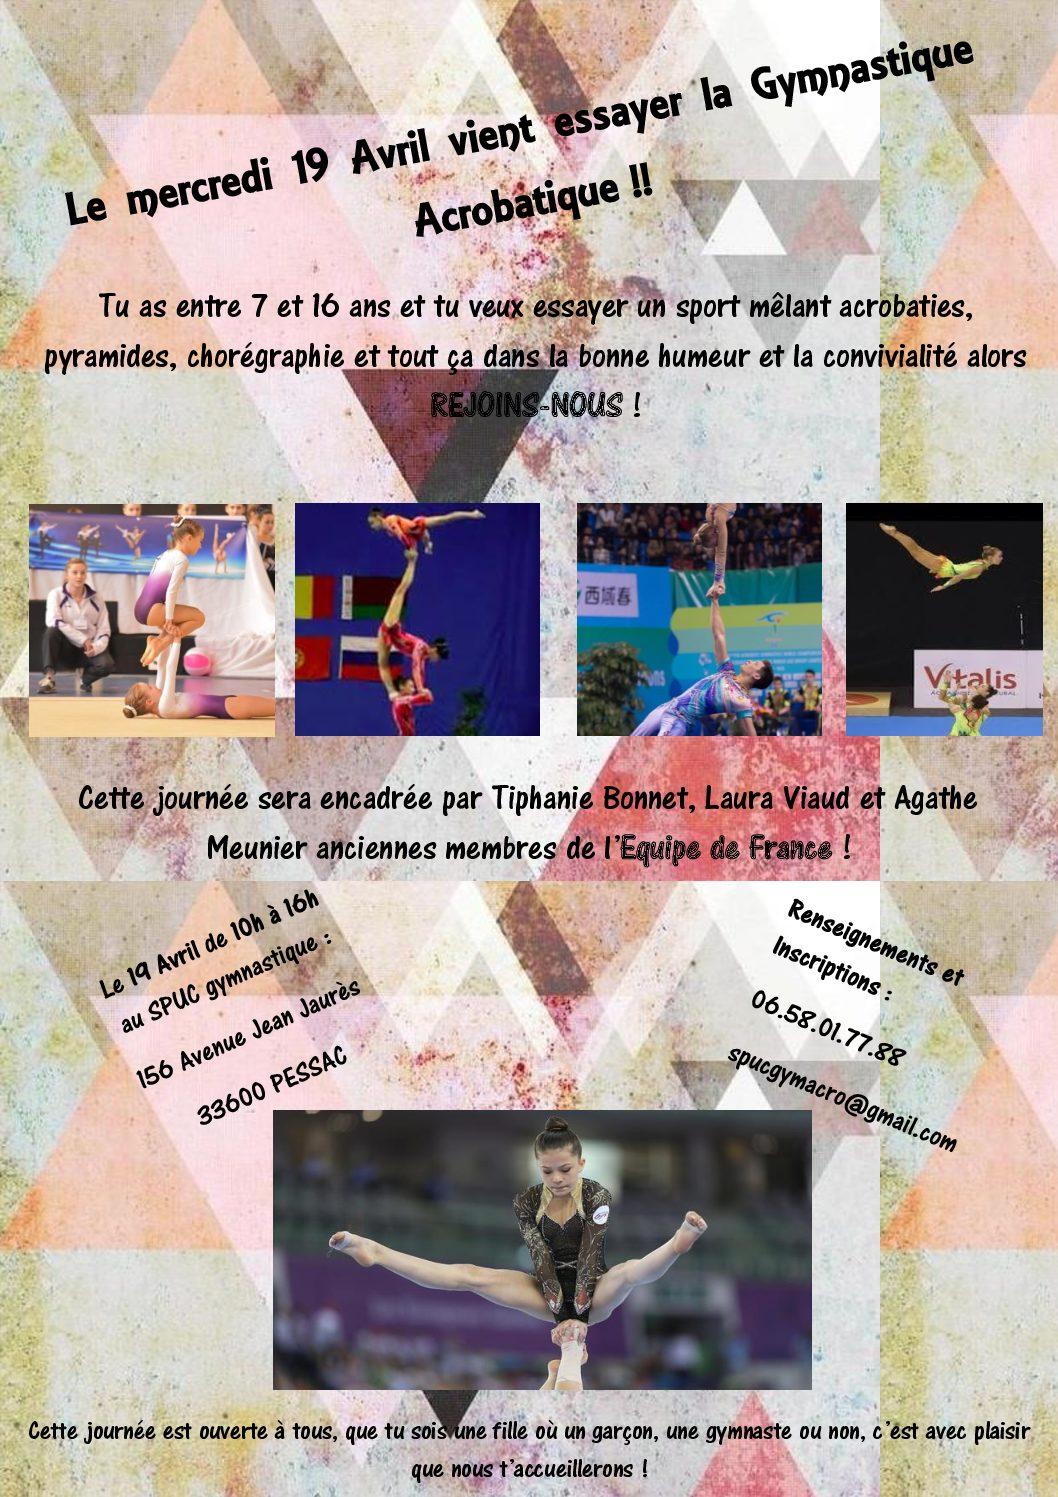 Journée porte ouverte en Gymnastique Acrobatique au SPUC PESSAC, mercredi 19 avril 2017